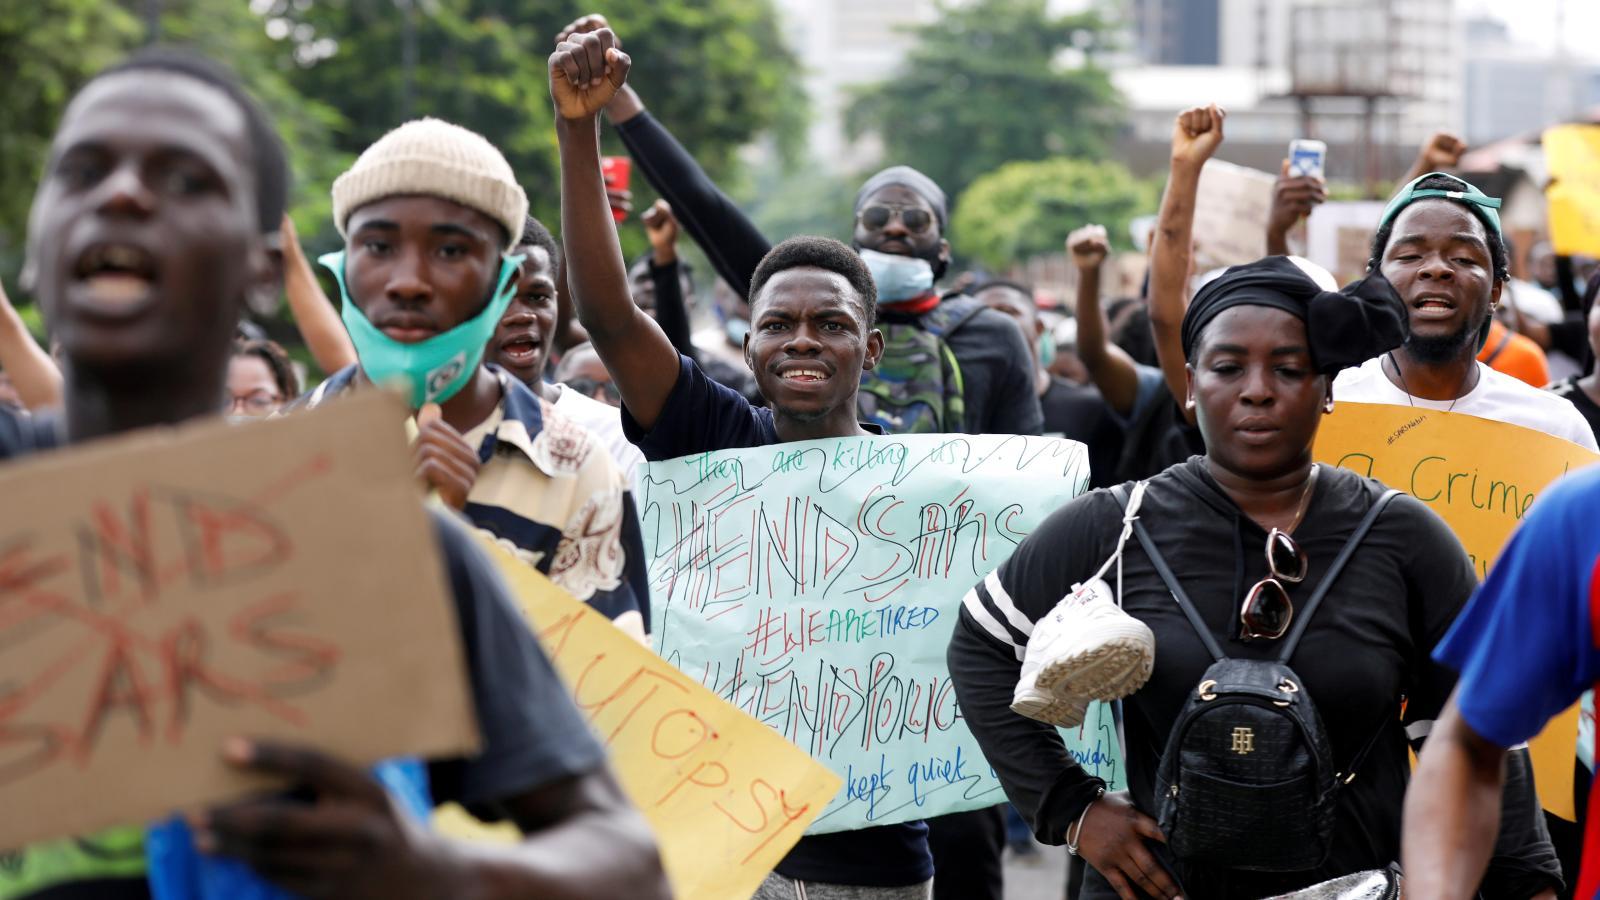 #EndSARS, le mouvement social Nigérian contre la brutalité policière